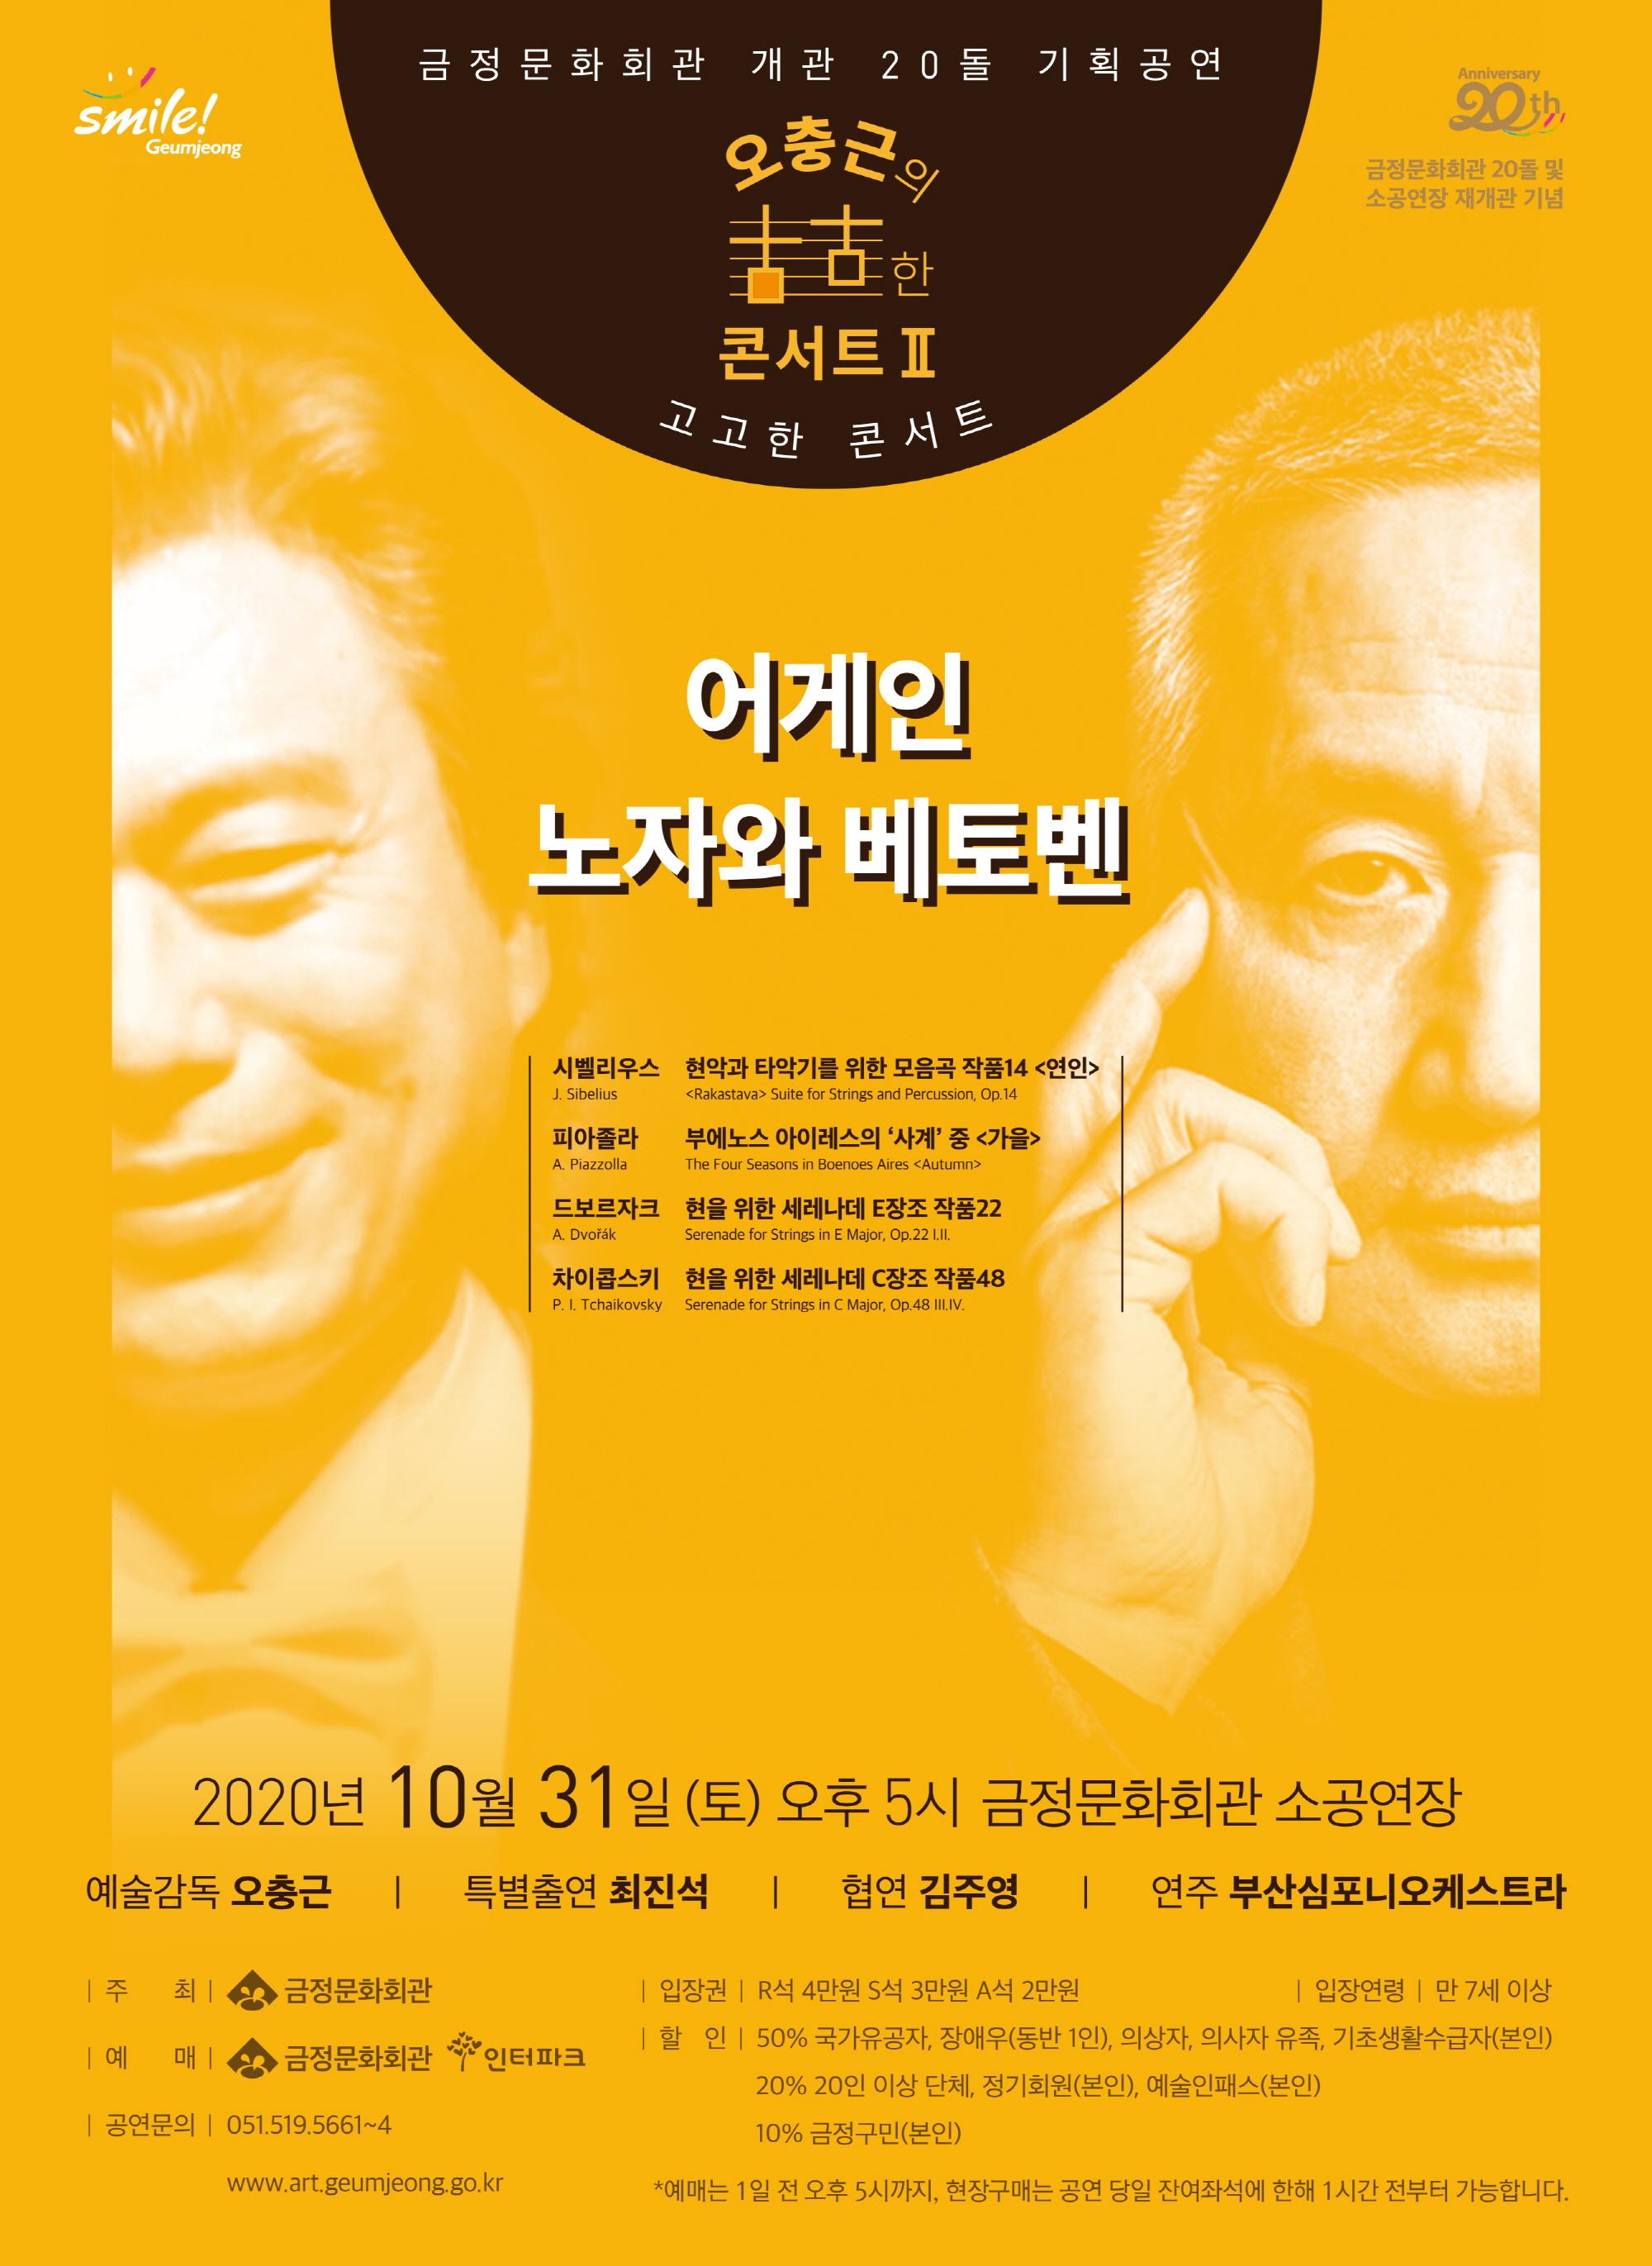 포스터-어게인노자와베토벤(8.20.)크기변환_.jpg